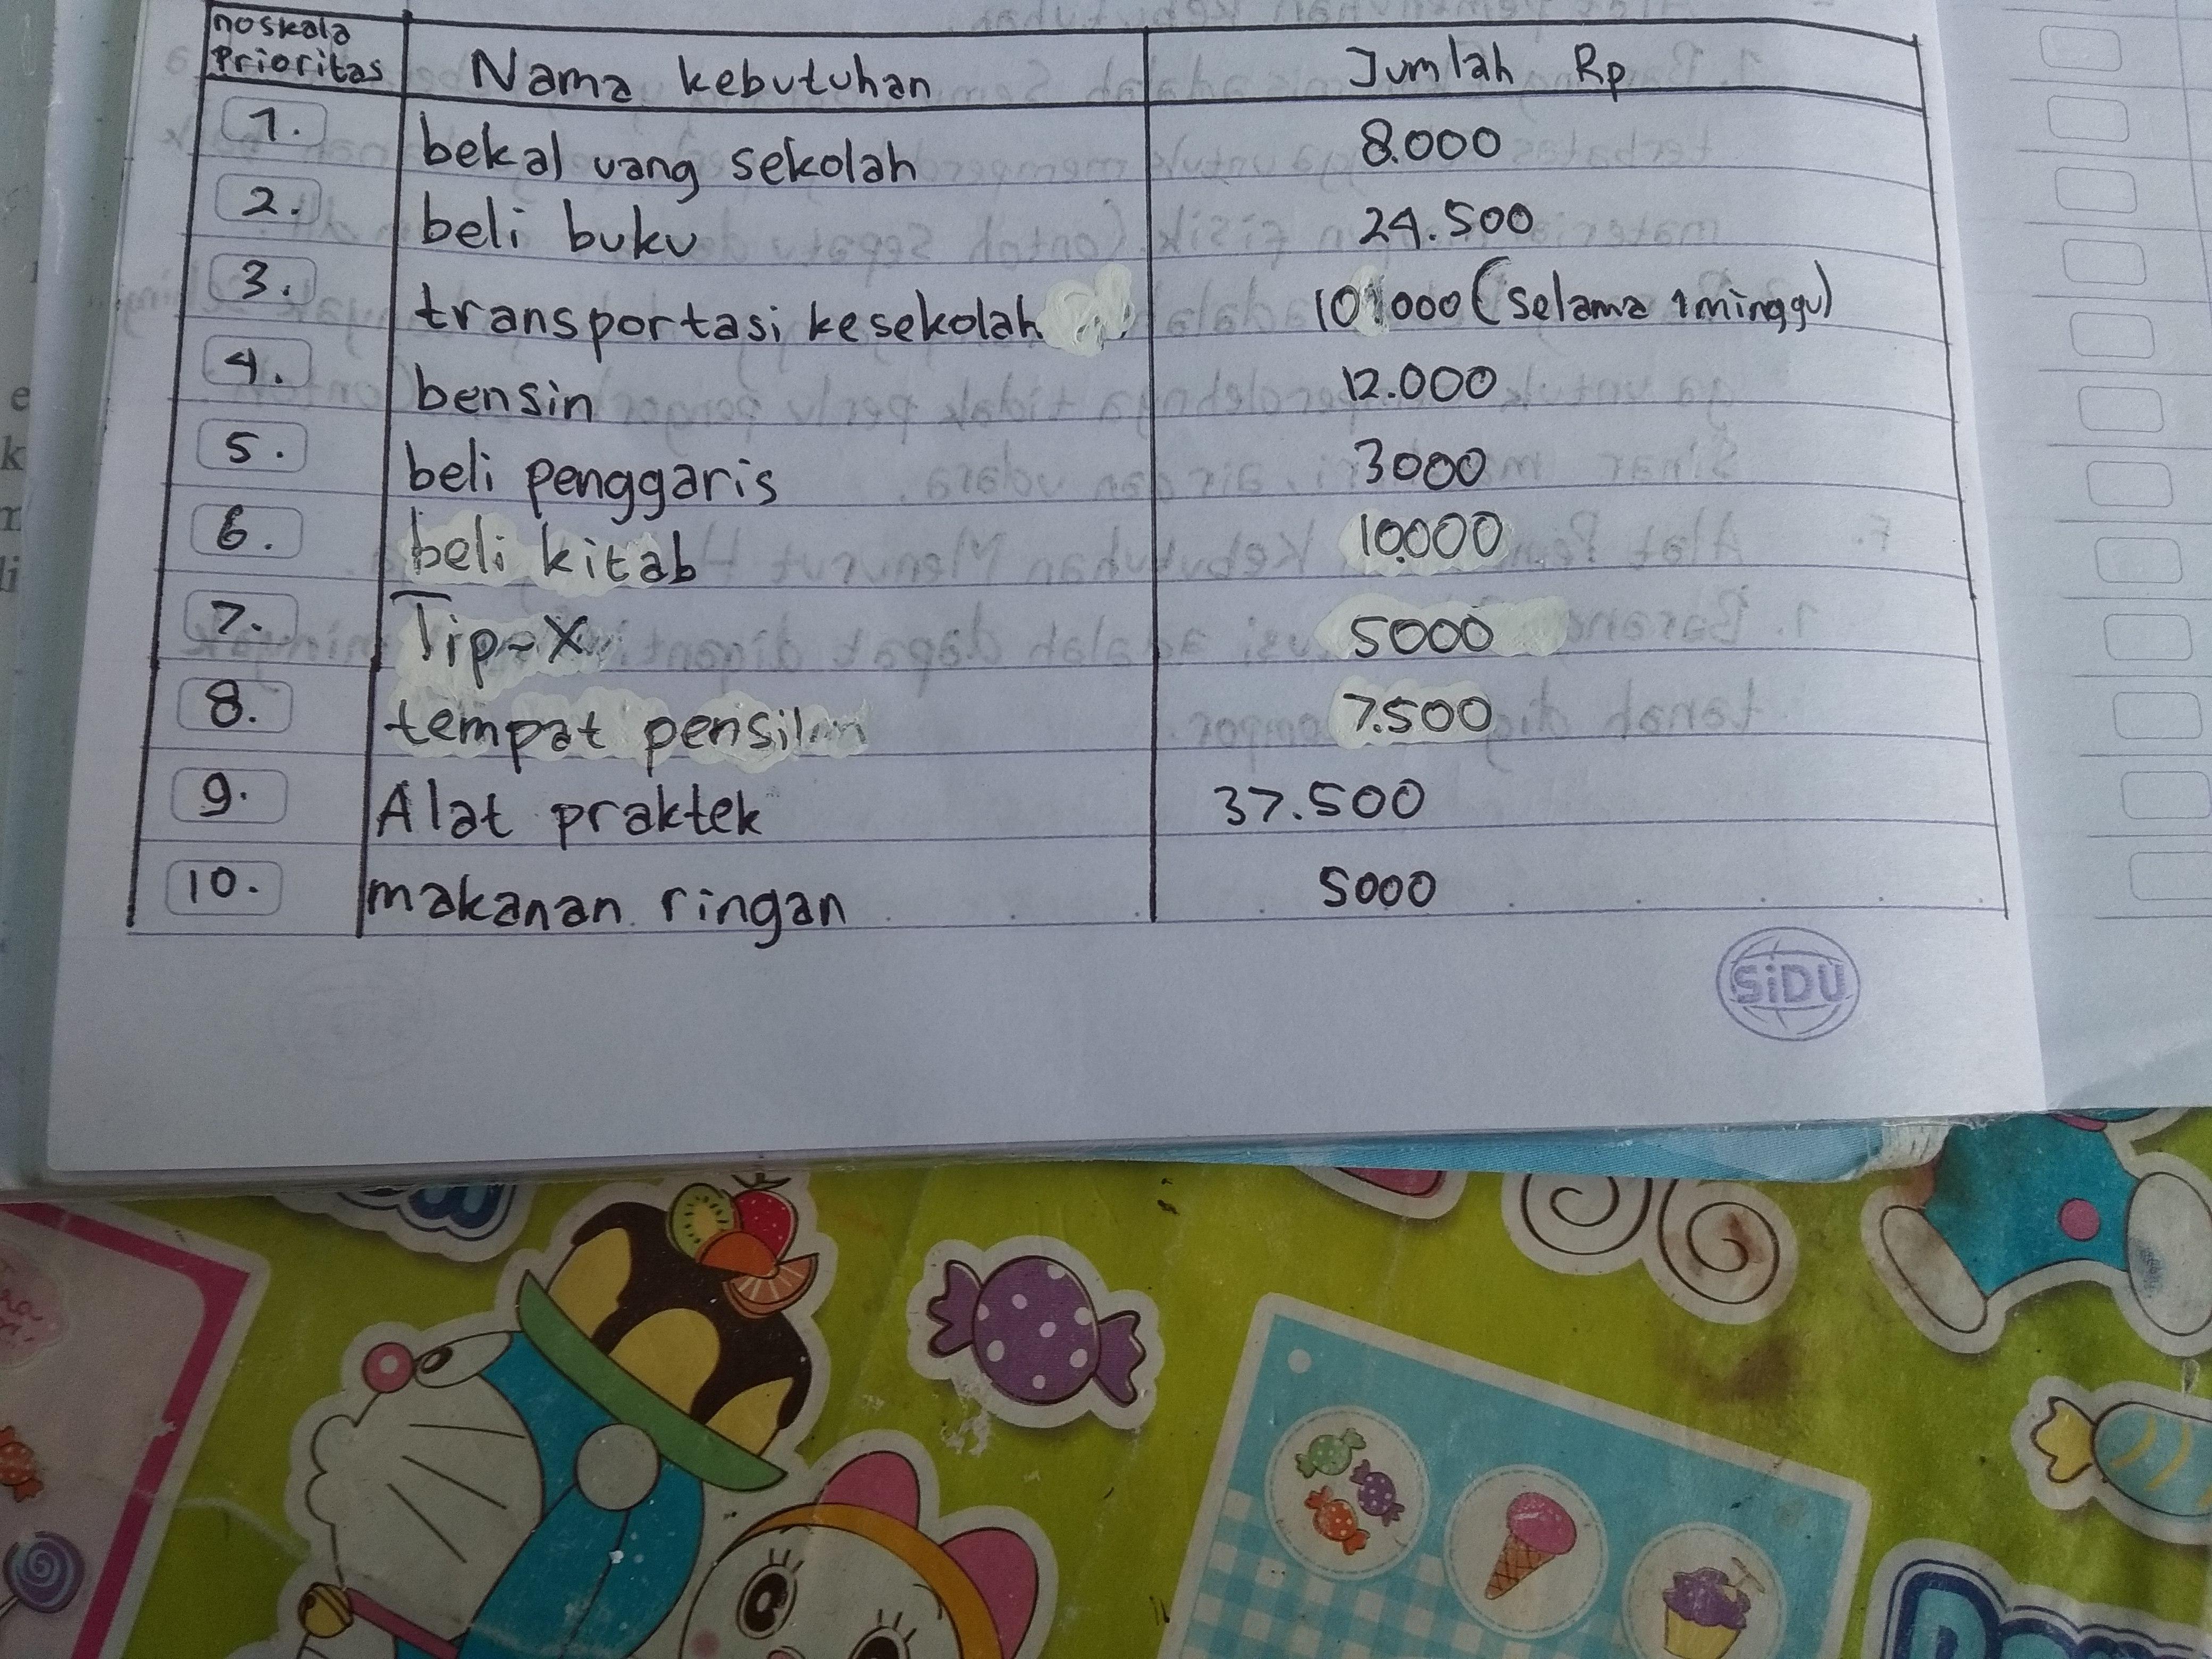 Aktivitas Individu Ips Kelas 7 Halaman 138